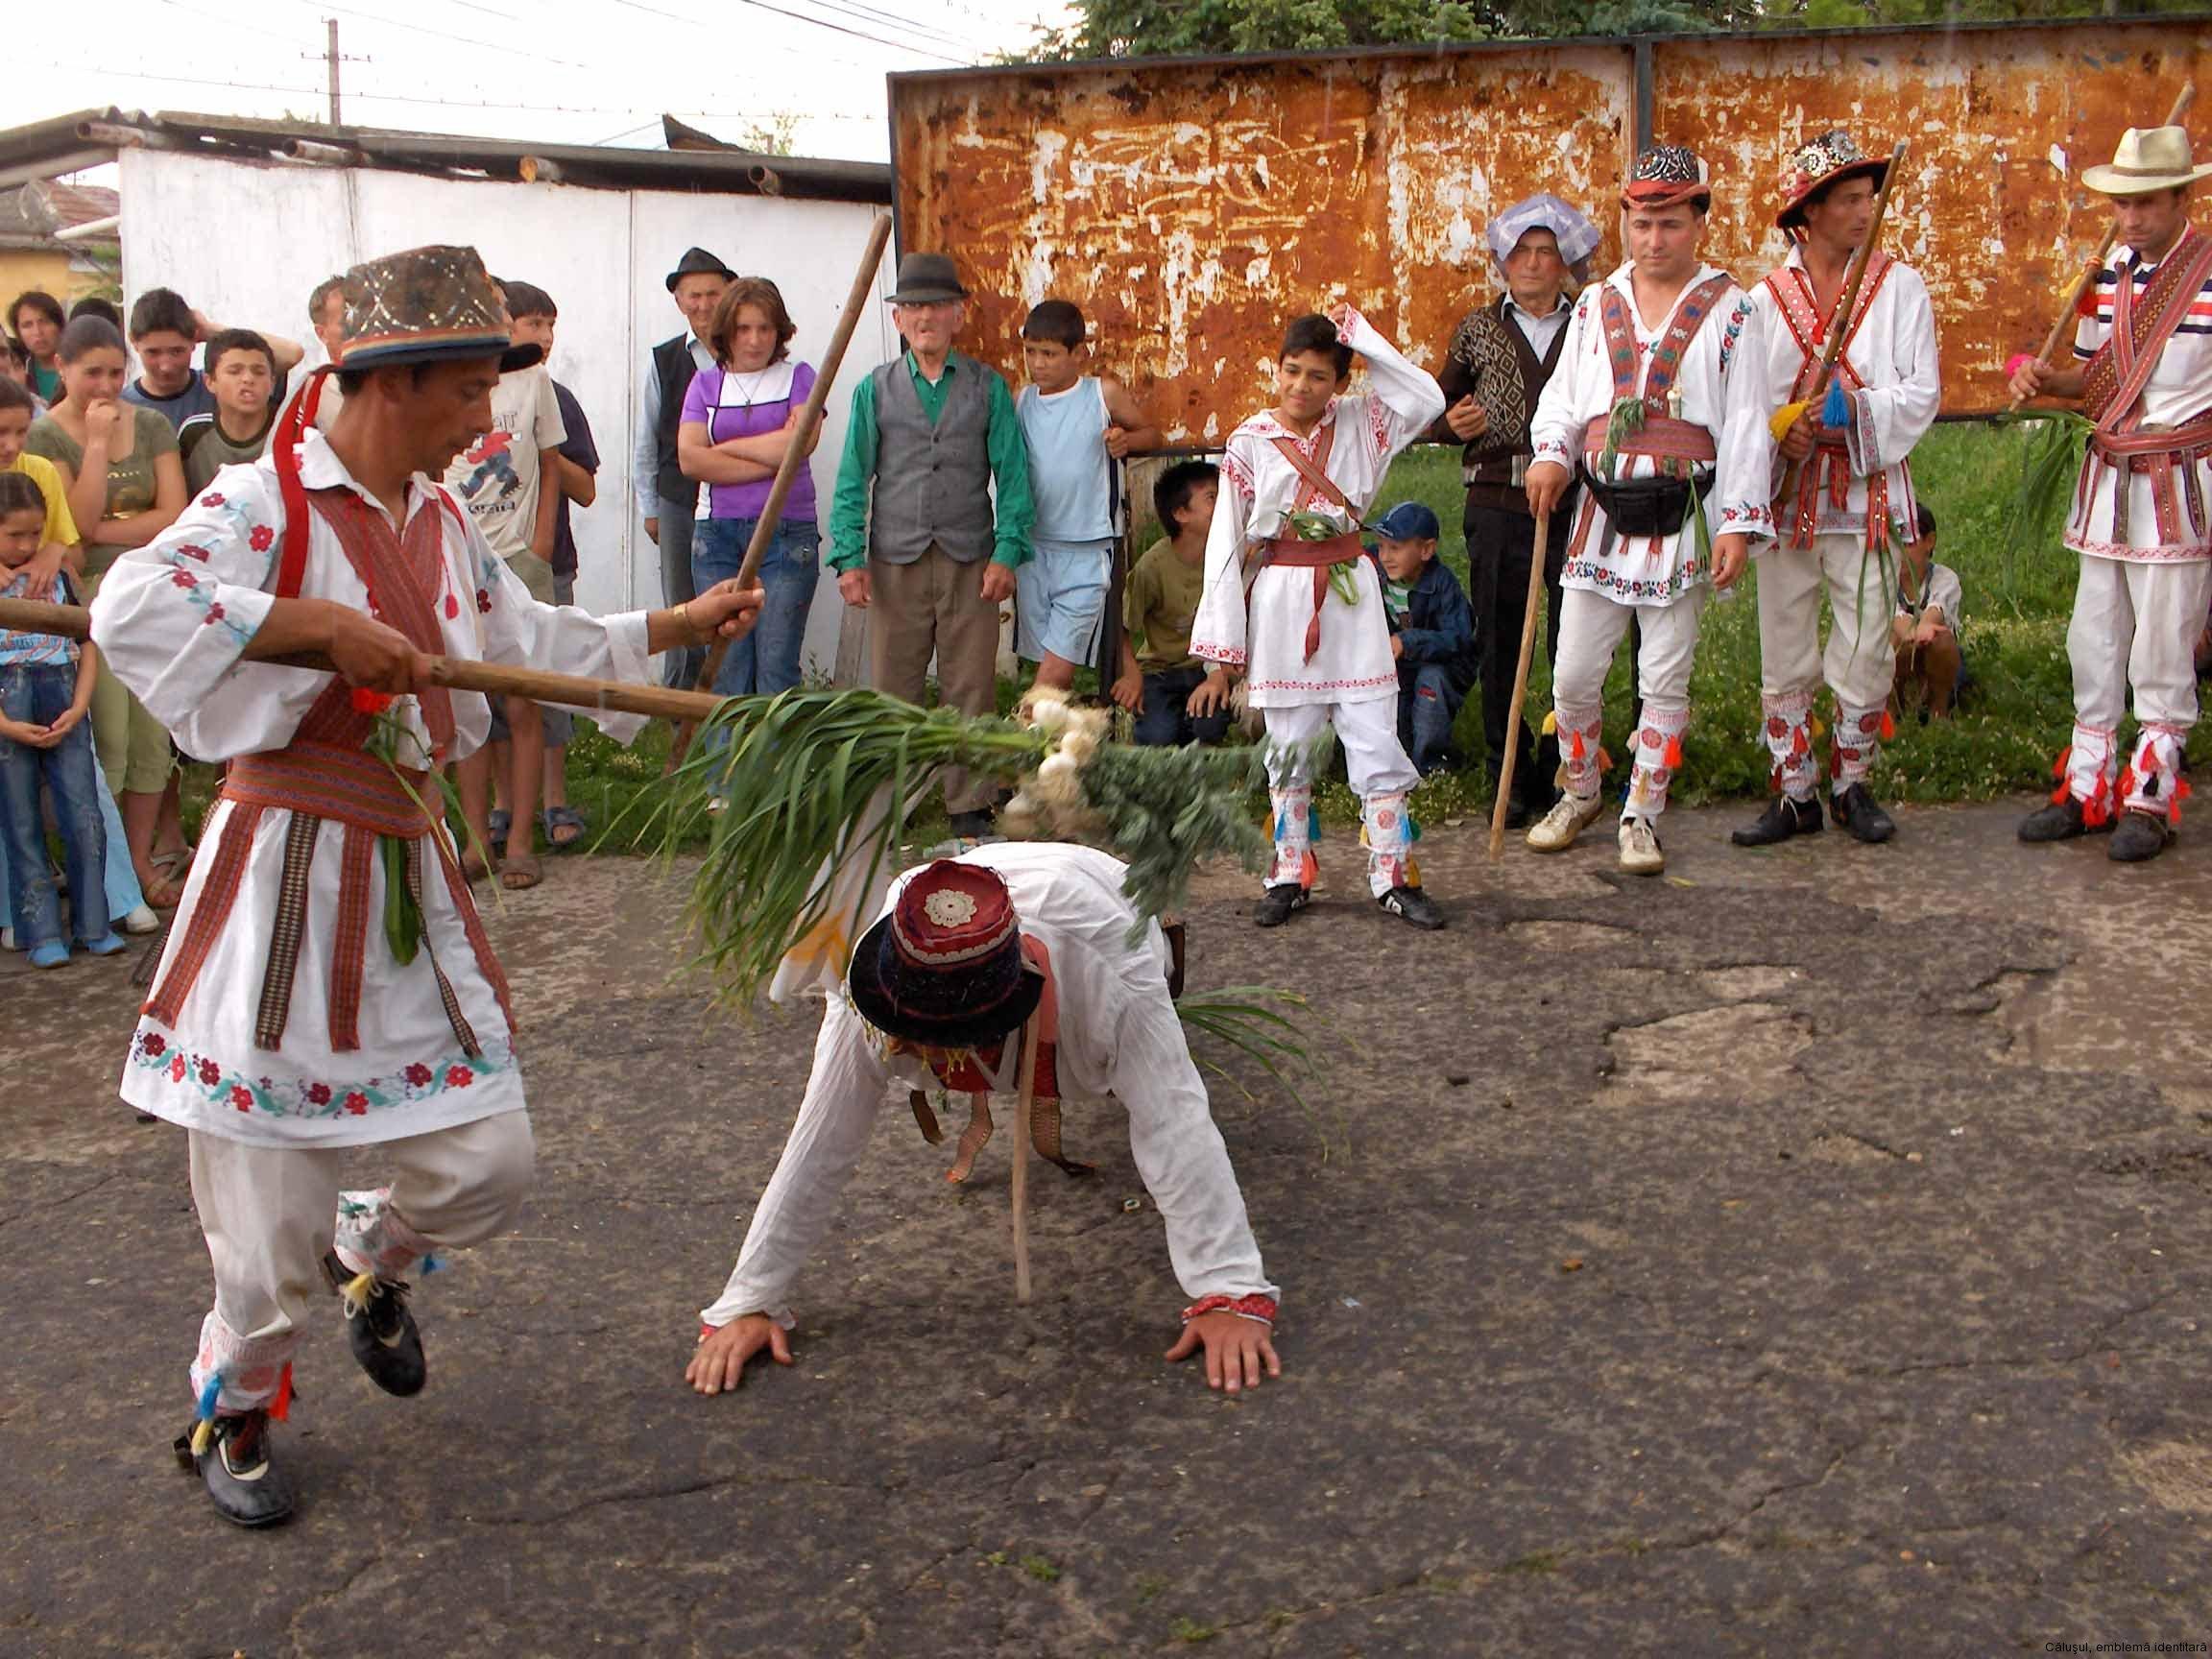 02-calus-depunerea-juramantului-in-fata-satenilor-osica-de-jos-2006